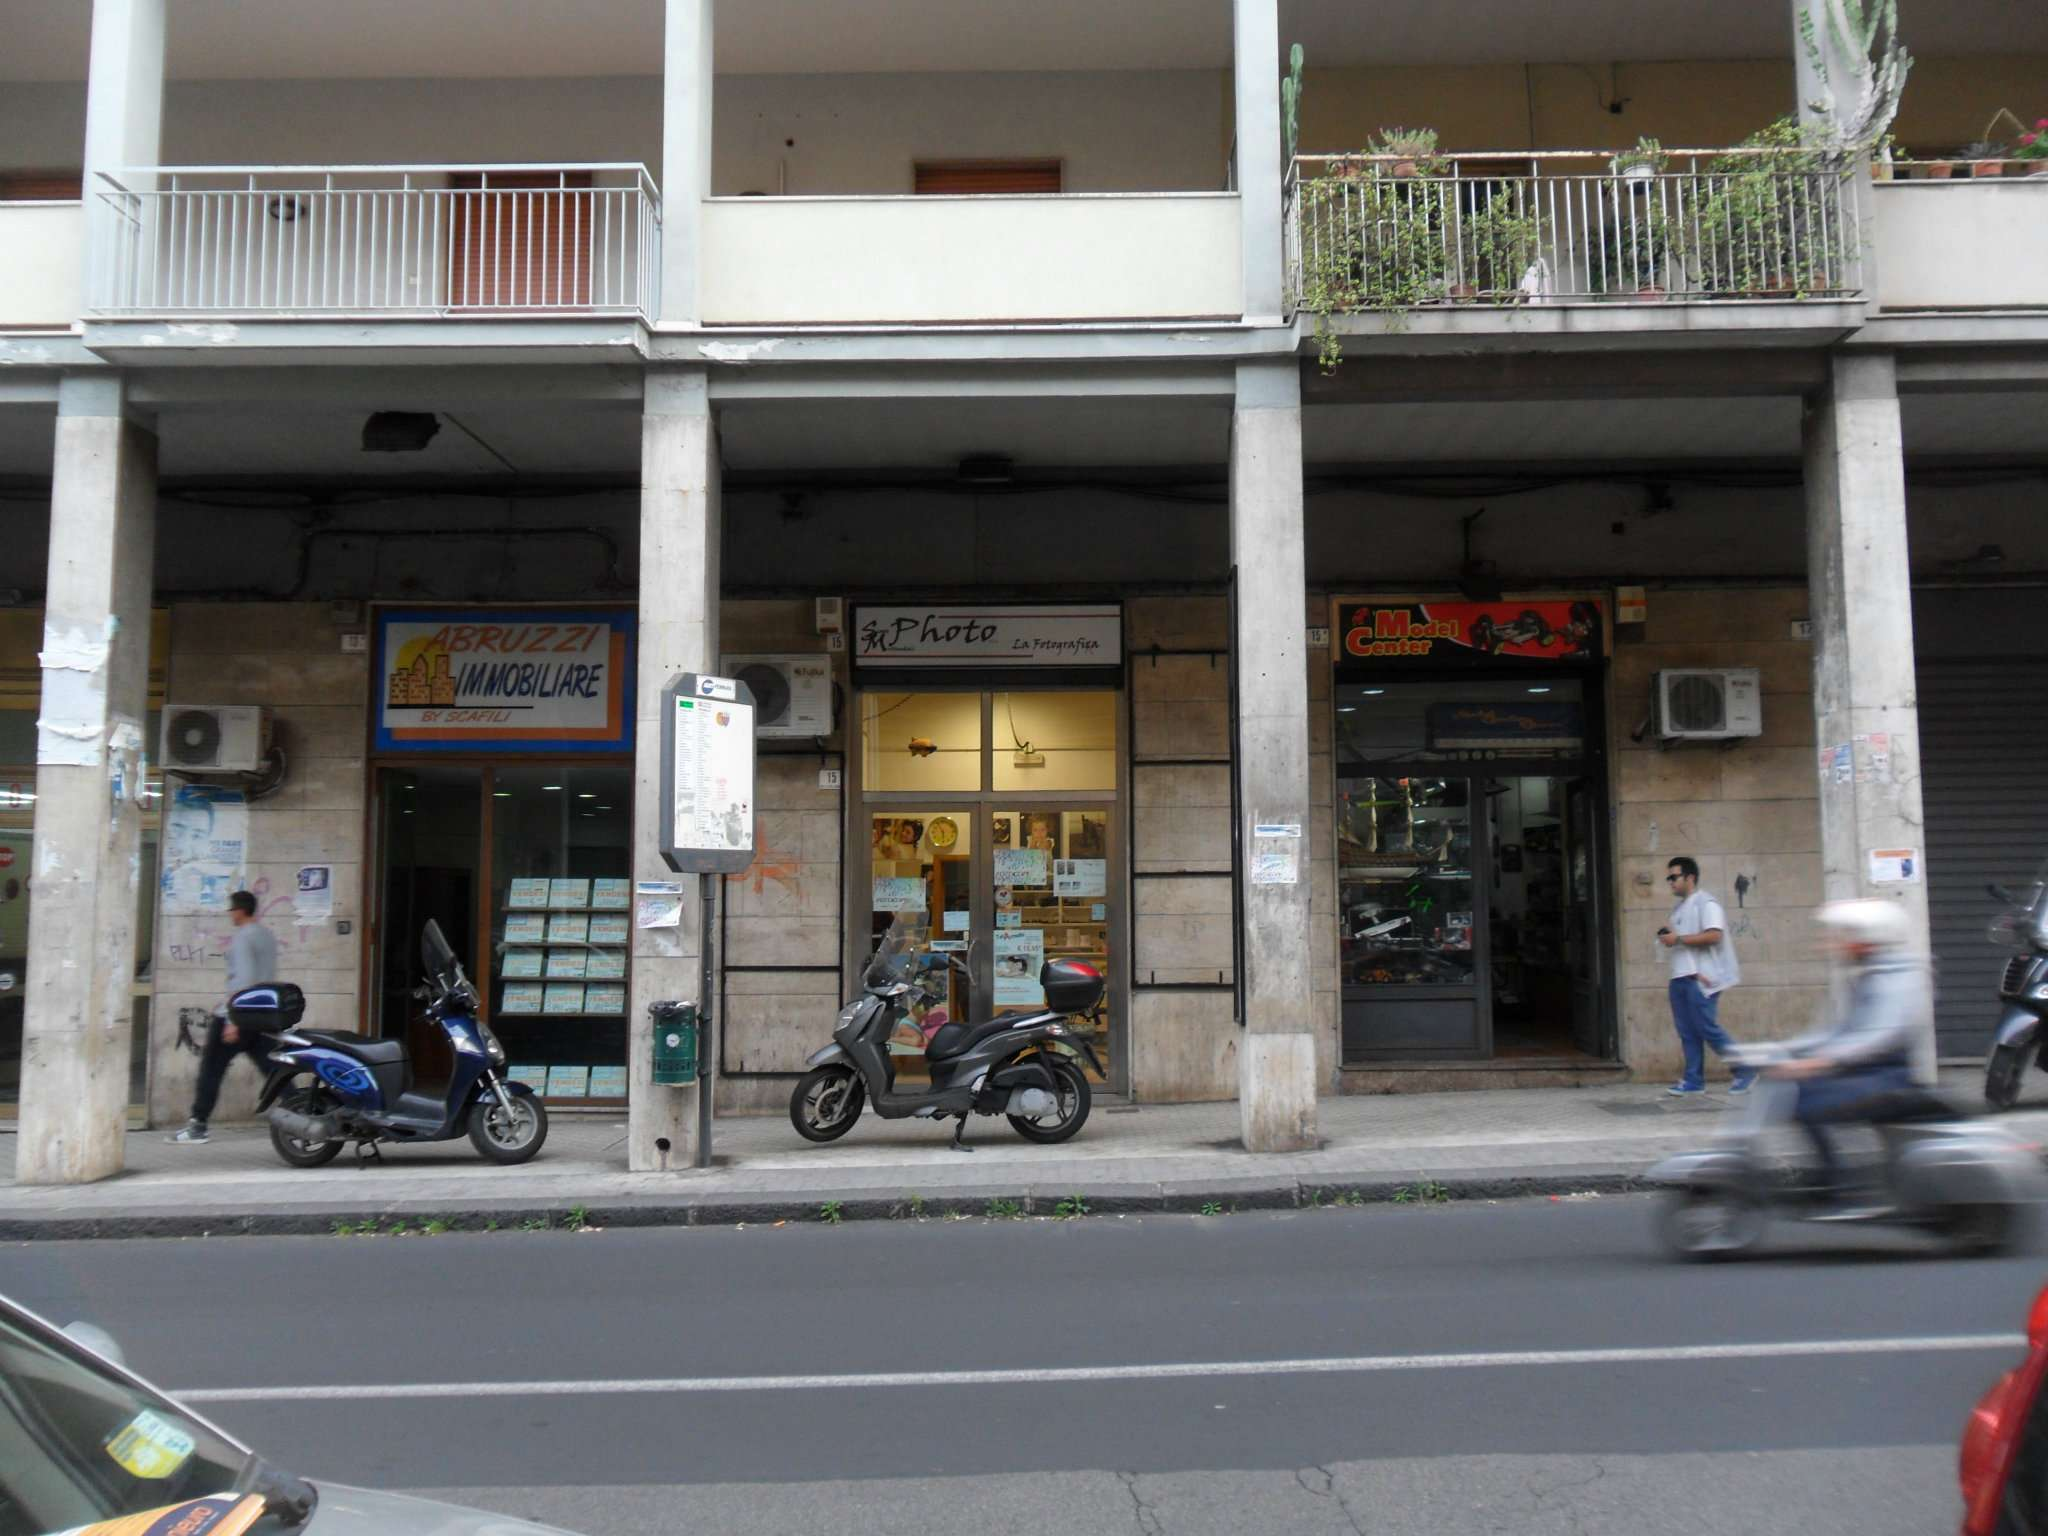 Annunci immobiliari commerciali di vendita a catania - Immobiliari a catania ...